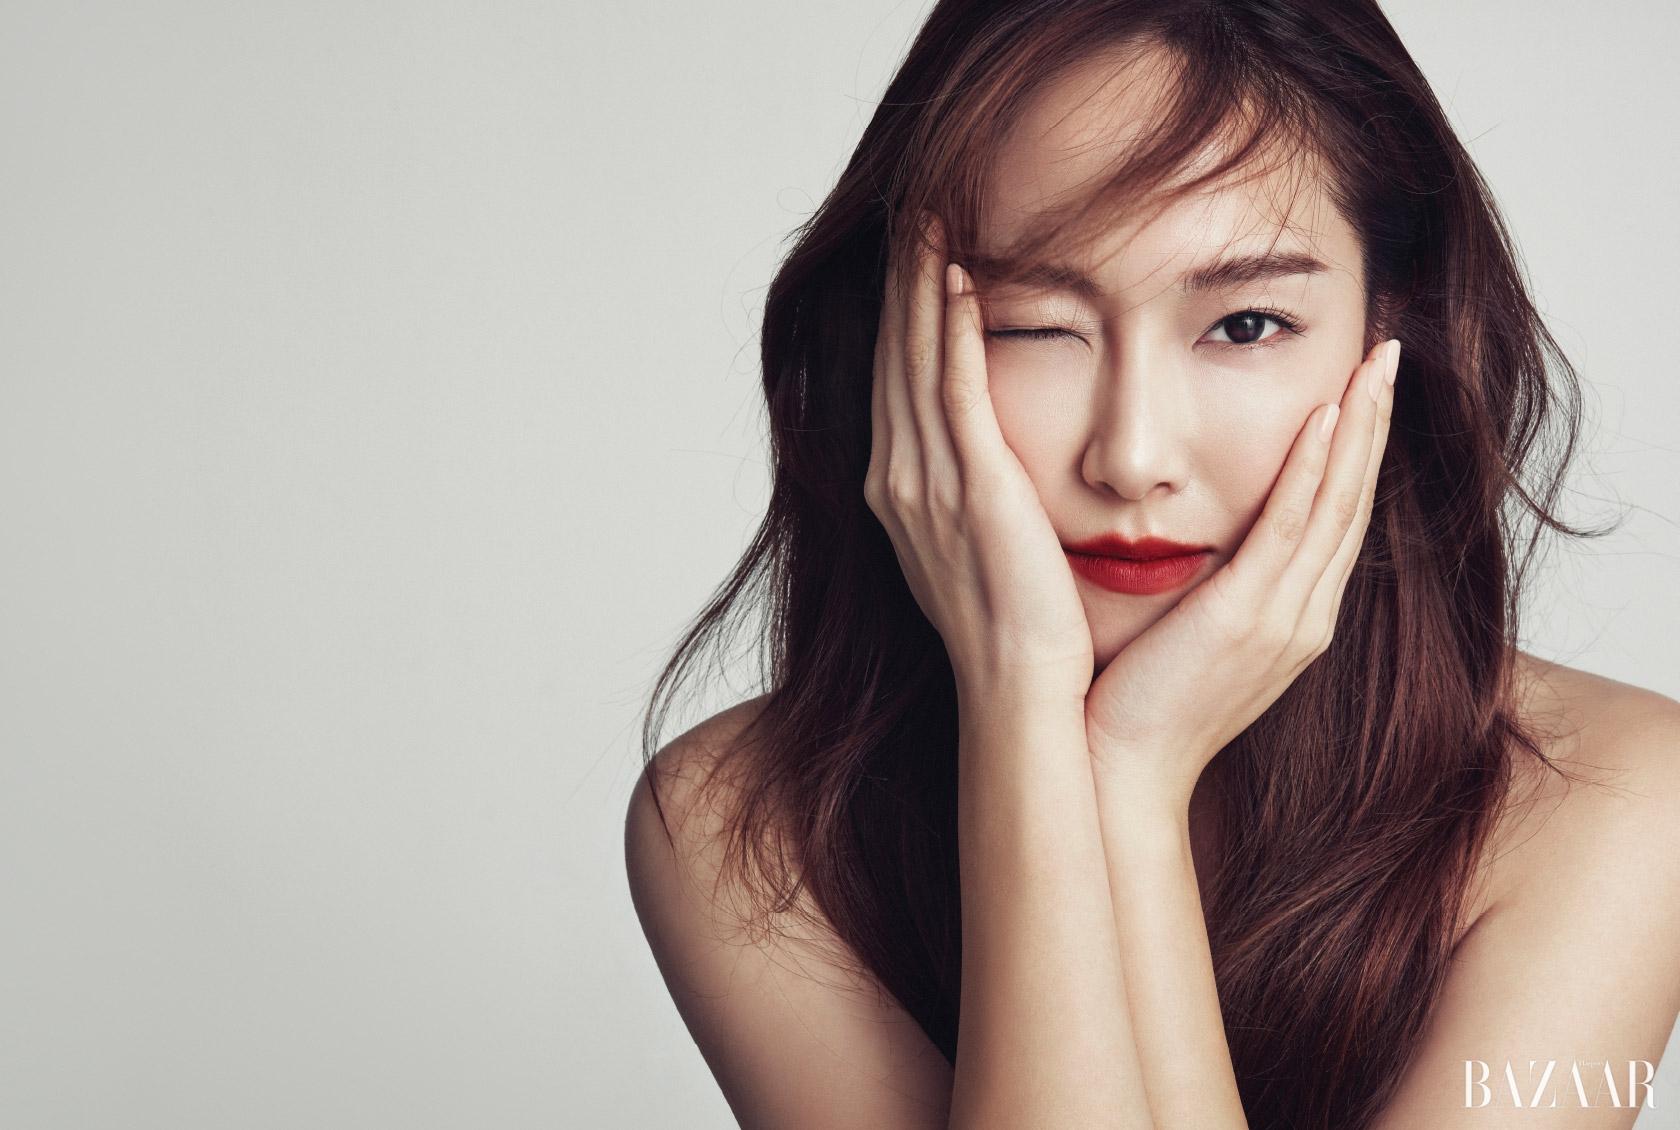 제시카의 민낯 - Harper's BAZAAR Korea 2016년 12월호